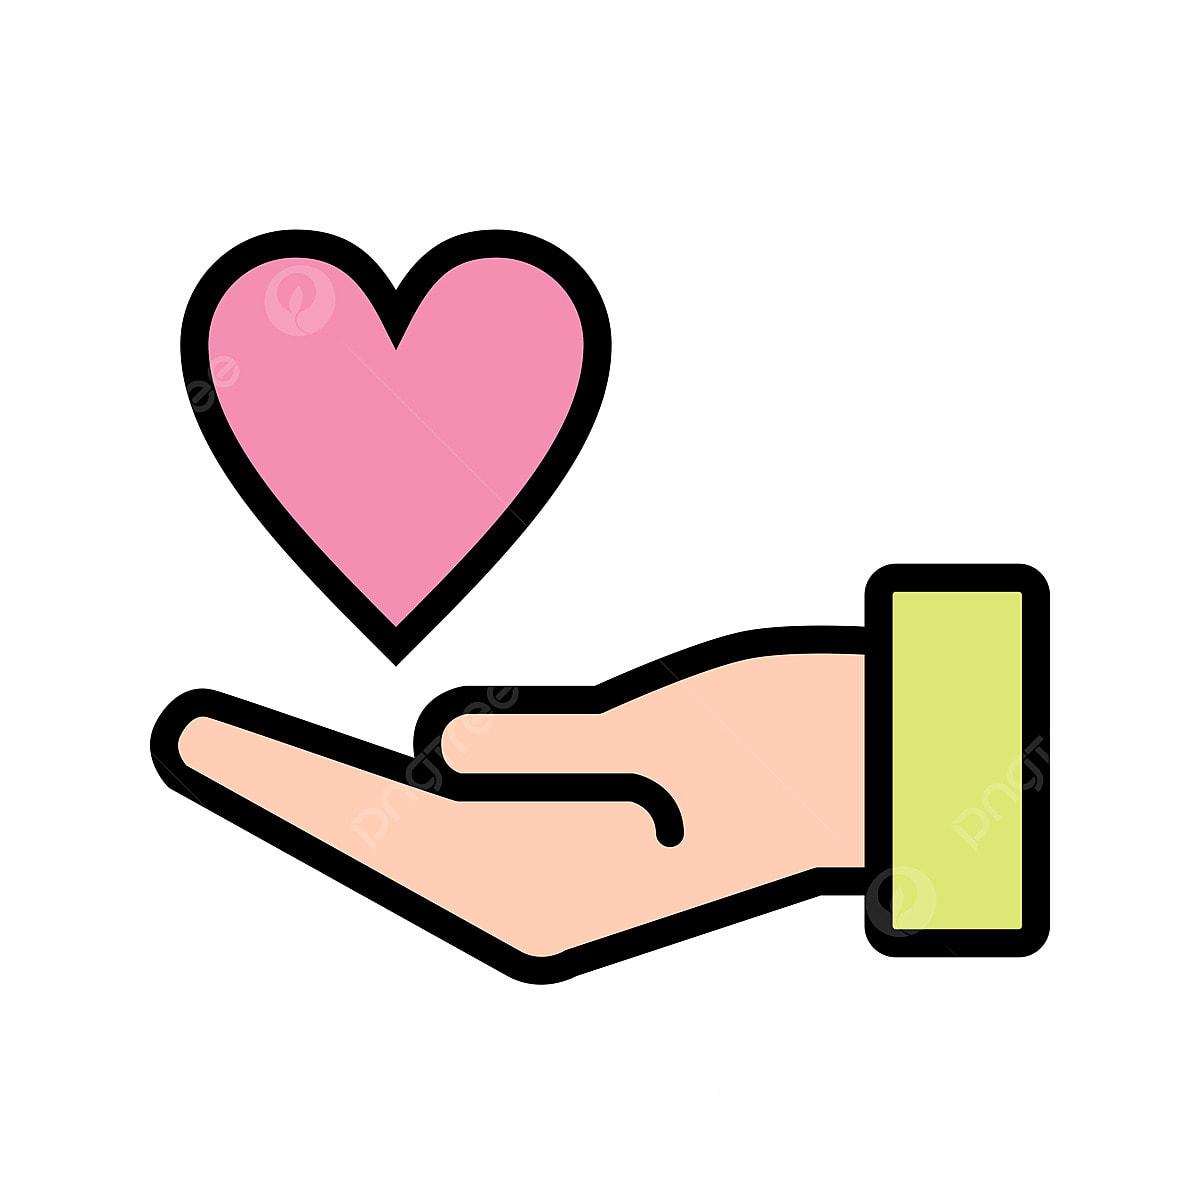 organisme de bienfaisance ic u00f4ne organisme de bienfaisance donnez le c u0153ur sur la main png et